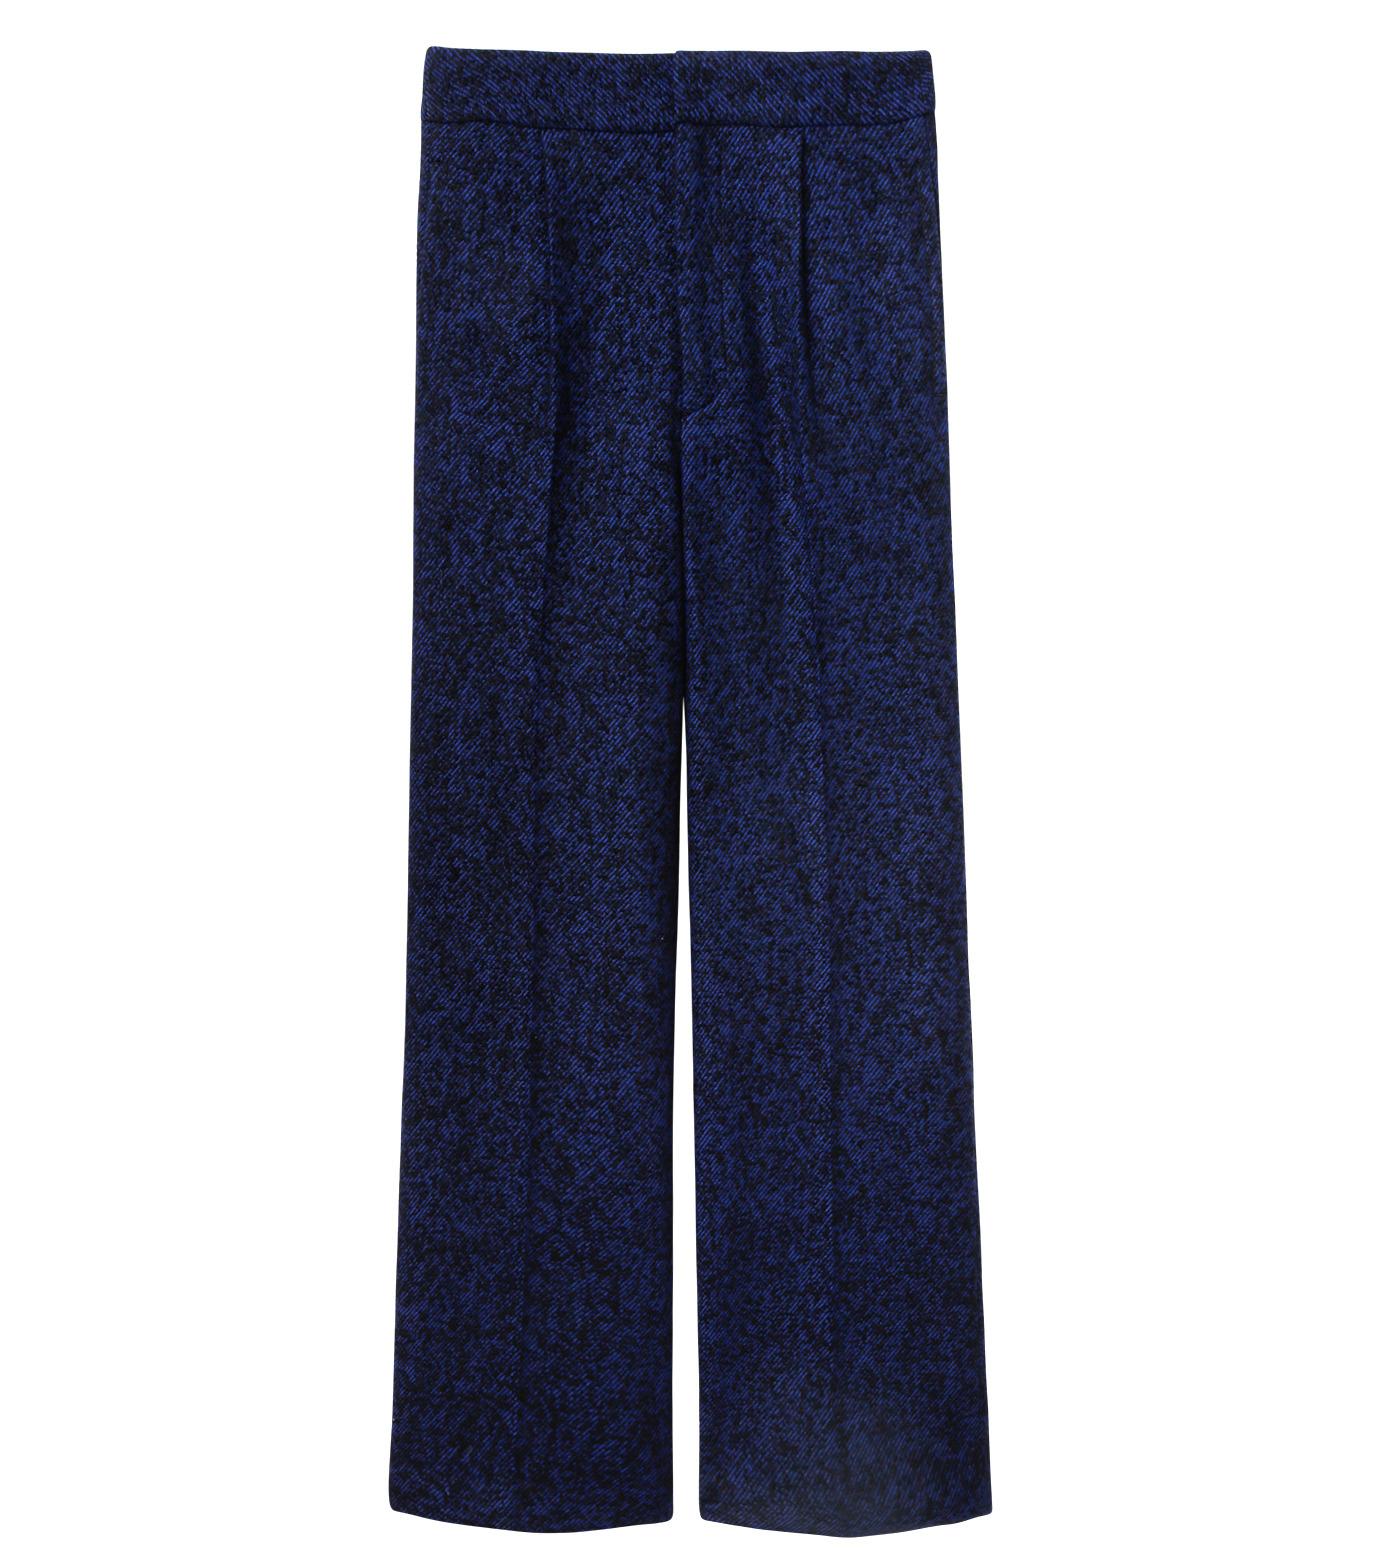 LE CIEL BLEU(ルシェルブルー)のツイードプレスパンツ-NAVY(パンツ/pants)-17A68020 拡大詳細画像5